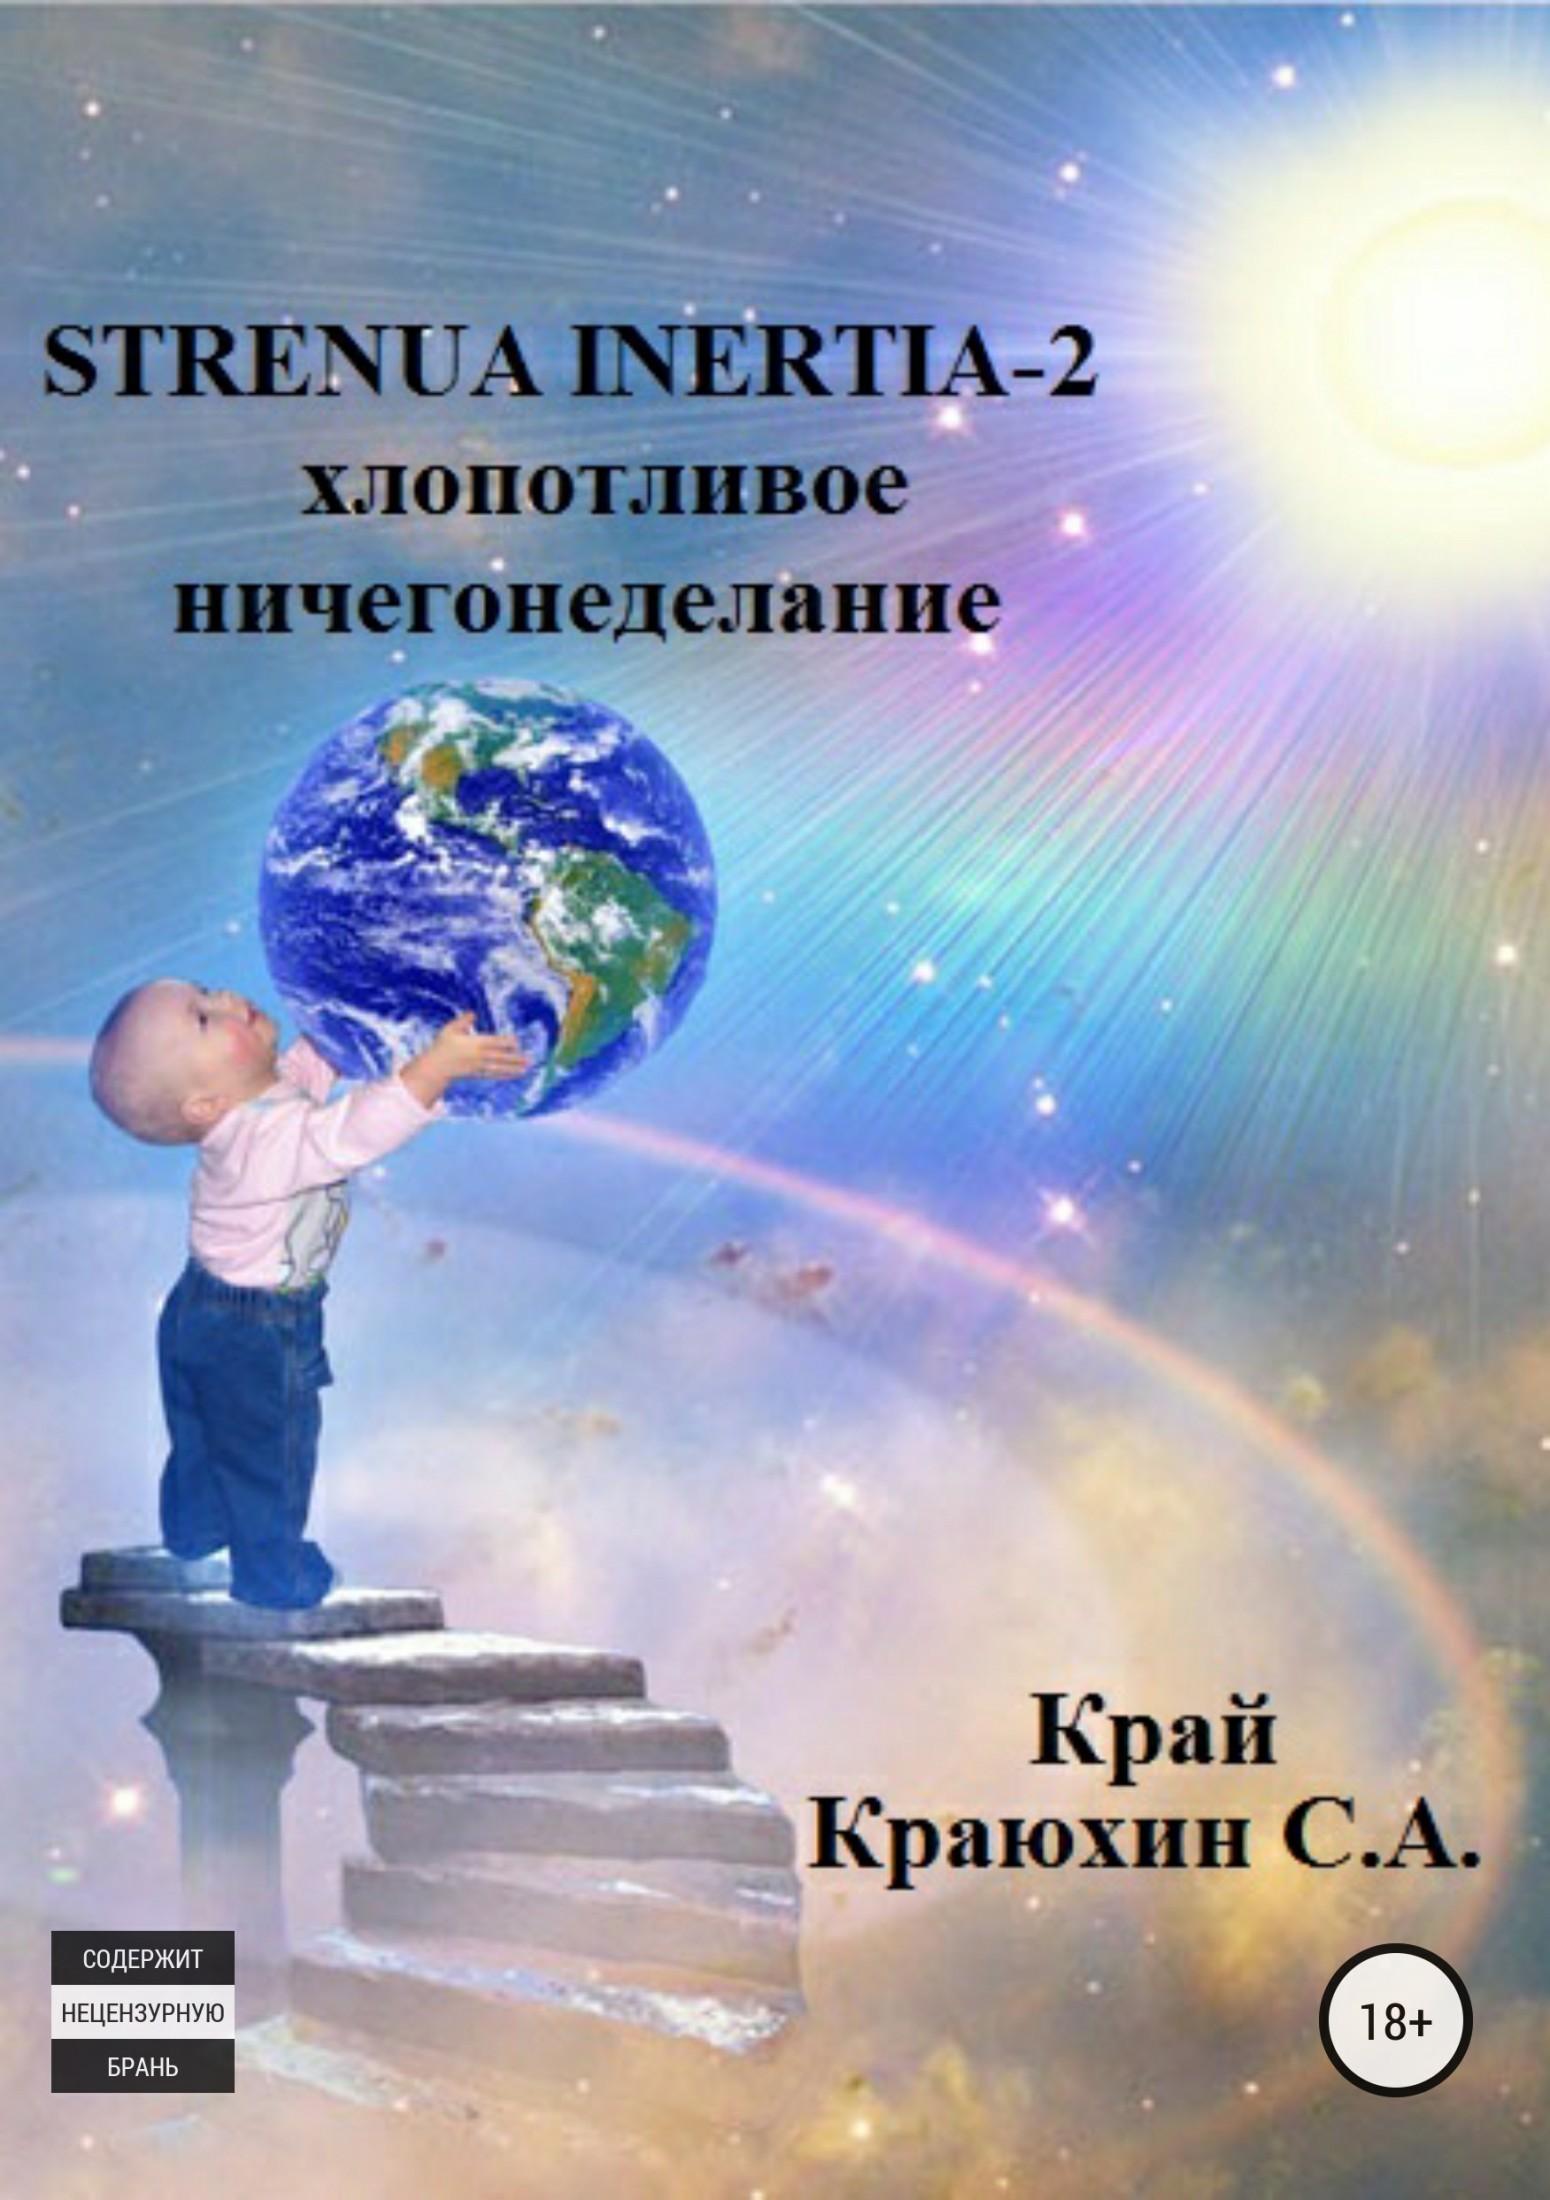 Сергей Александрович Краюхин Strenua inertia 2! Хлопотливое ничегонеделание сергей александрович краюхин крайняя поэзия